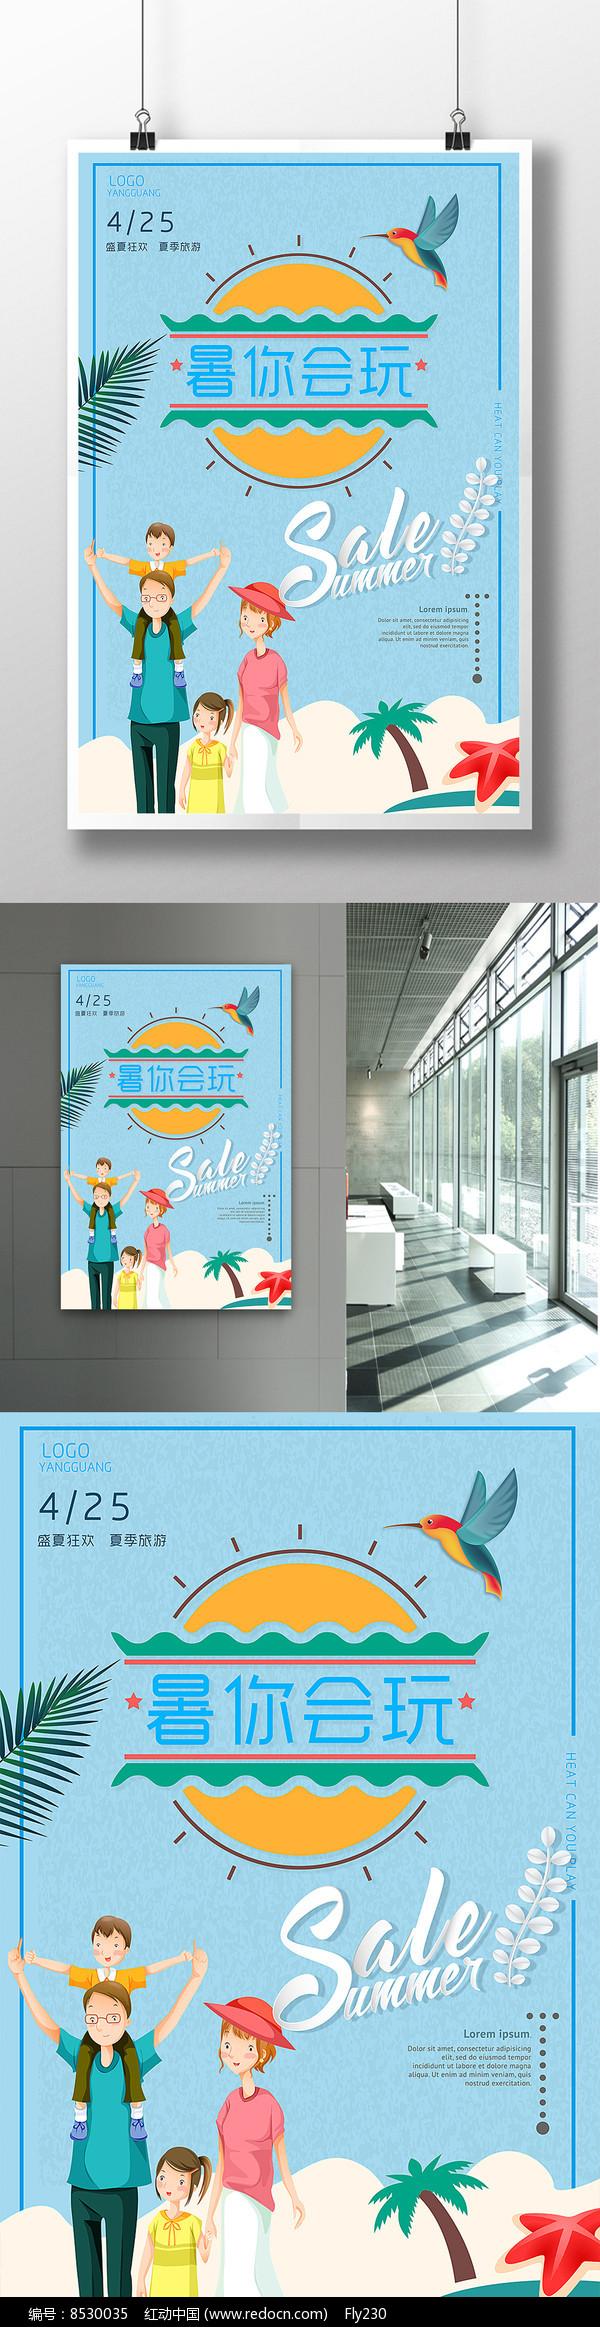 夏日海边暑你会玩旅游海报图片